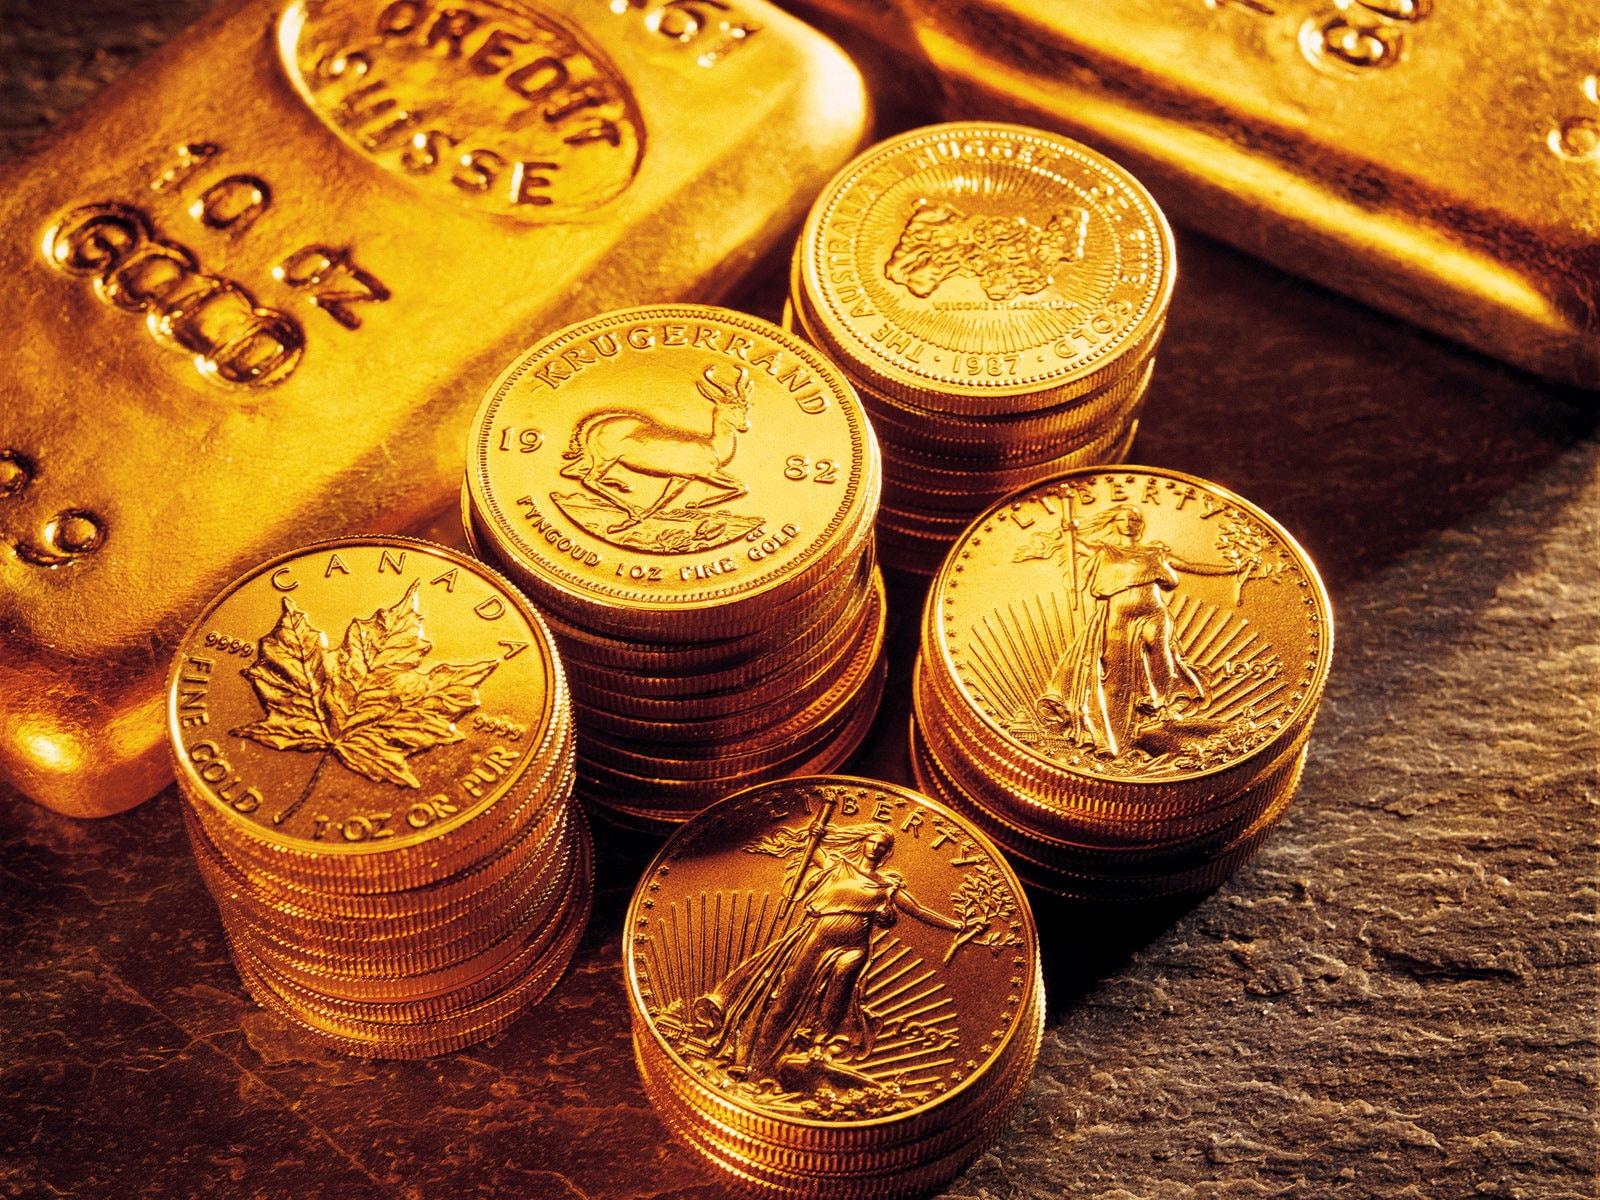 Trump fait-il baisser le cours de l'or ?